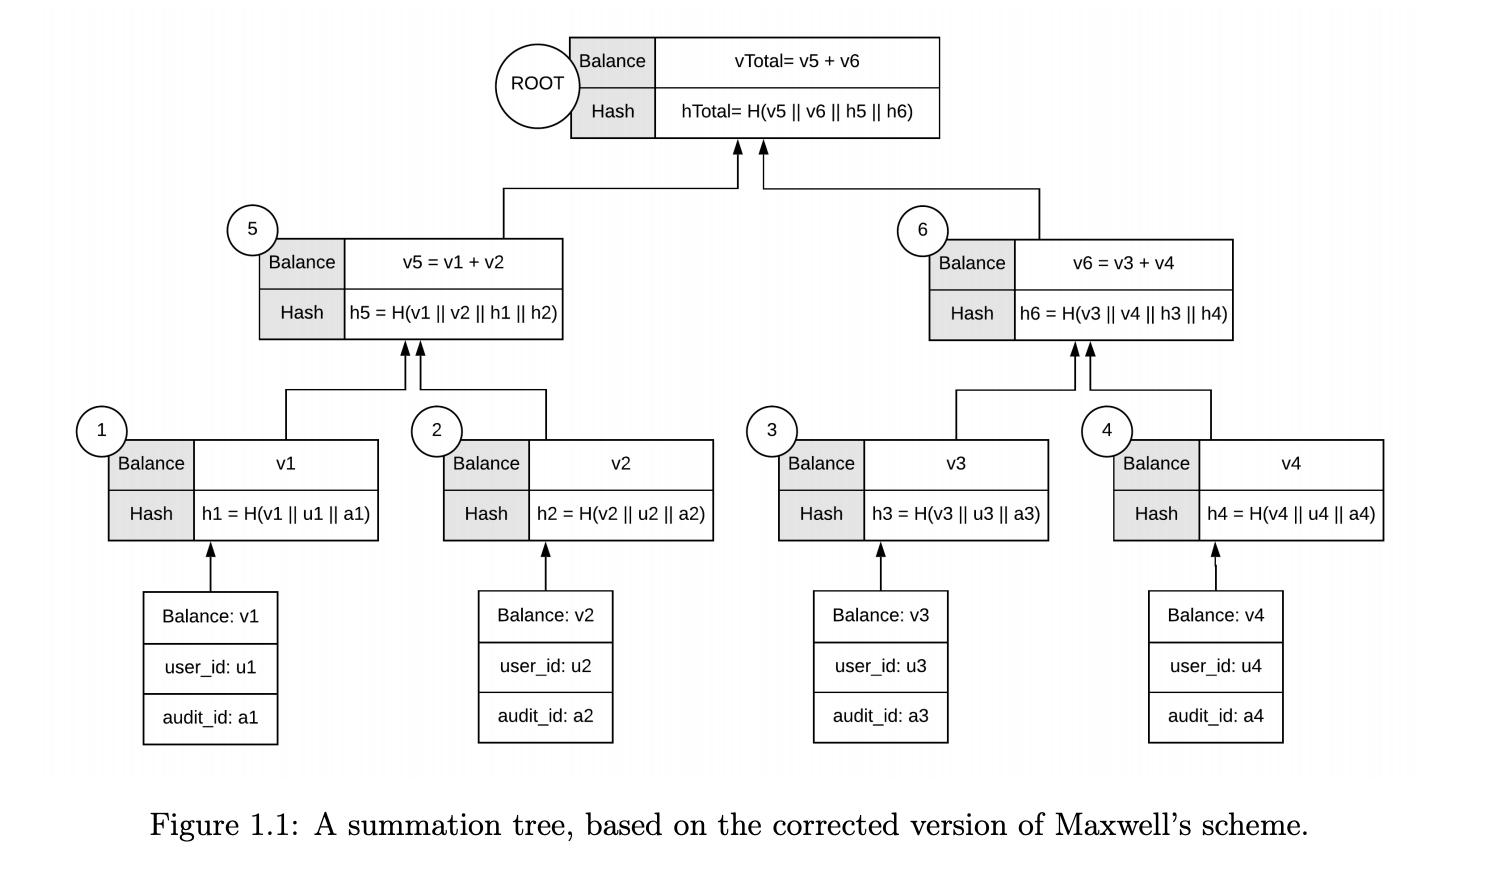 图1.1显示了通过应用[17]和[25]的修复的4节点求和Merkle树。